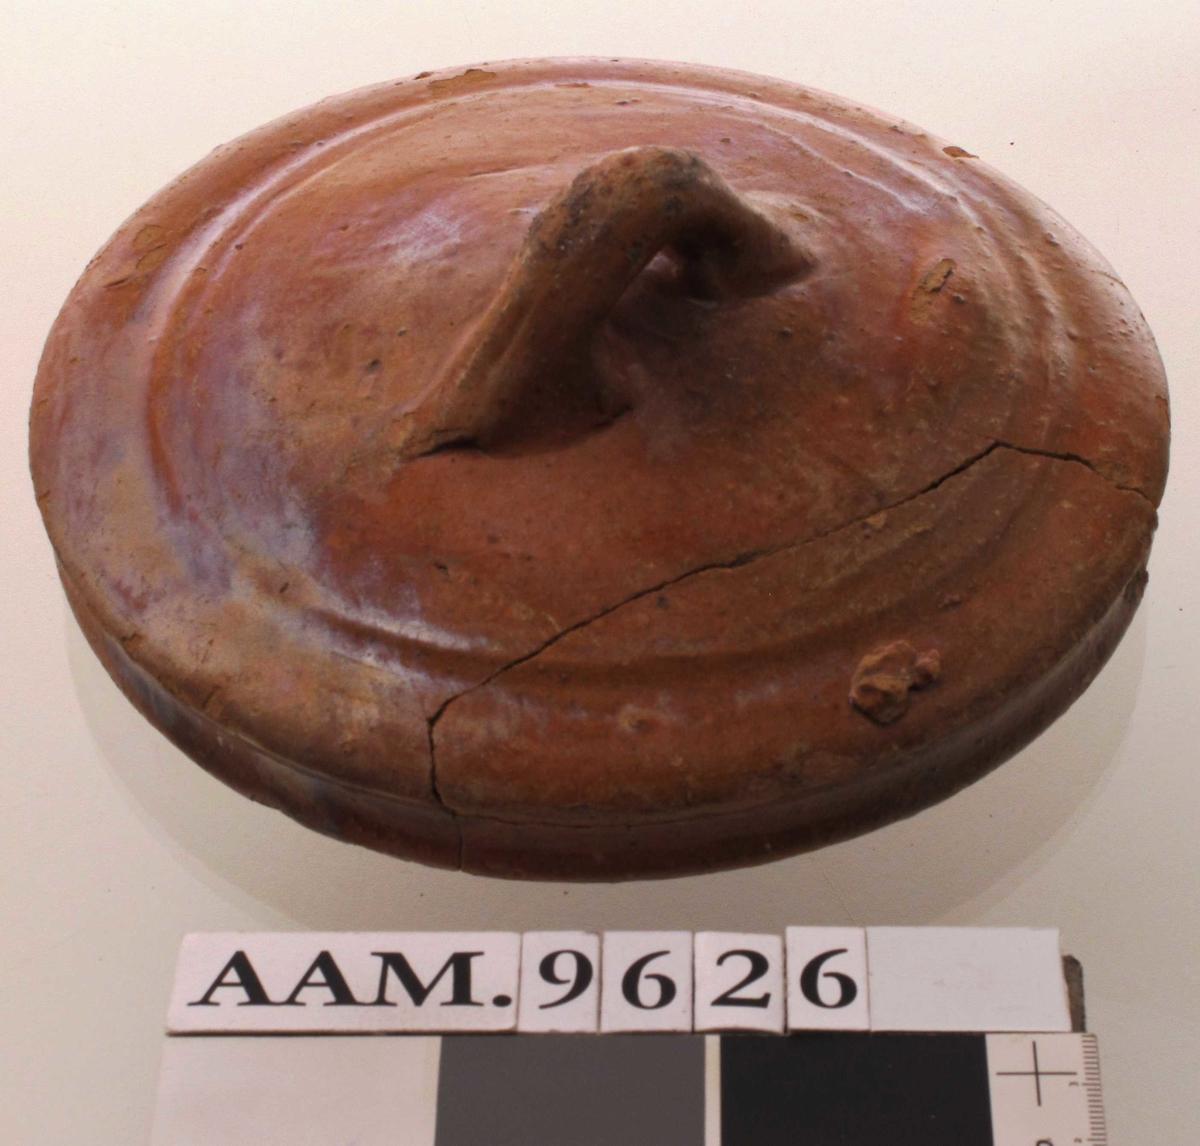 Lokk til stekepanne. Hollandsk. Leirtøy - rødbrunt med blank rødbrun glasur. Oversiden er hvelvet med en profillinje langs kanten og en hankering på toppen. Undersiden har sotbelegg og en skålform.